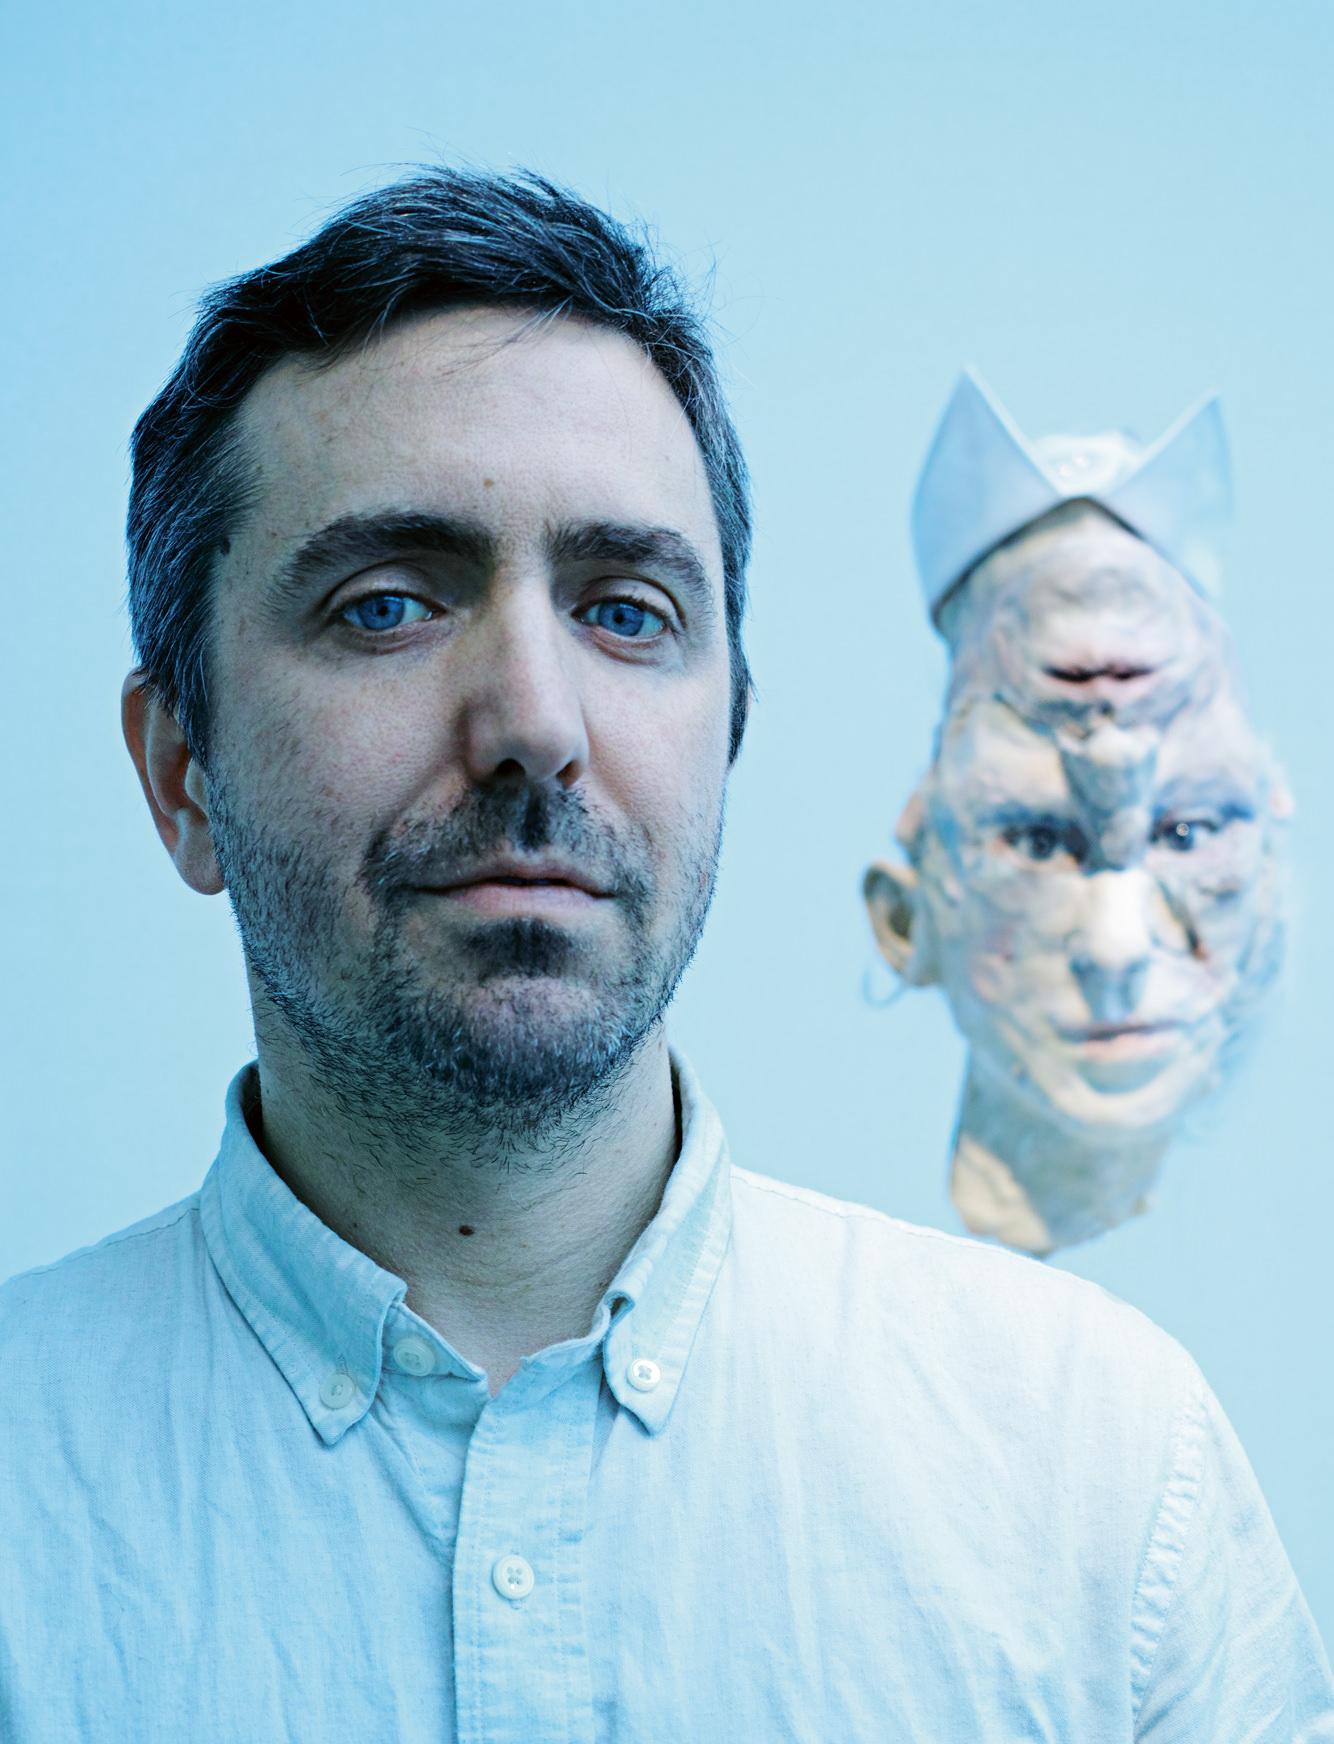 Photo :Mario Palmieri. L'artiste canadien David Altmejd photographié devant son œuvre La Galerie des glaces (2016) exposée à la galerie Xavier Hufkens à Bruxelles.